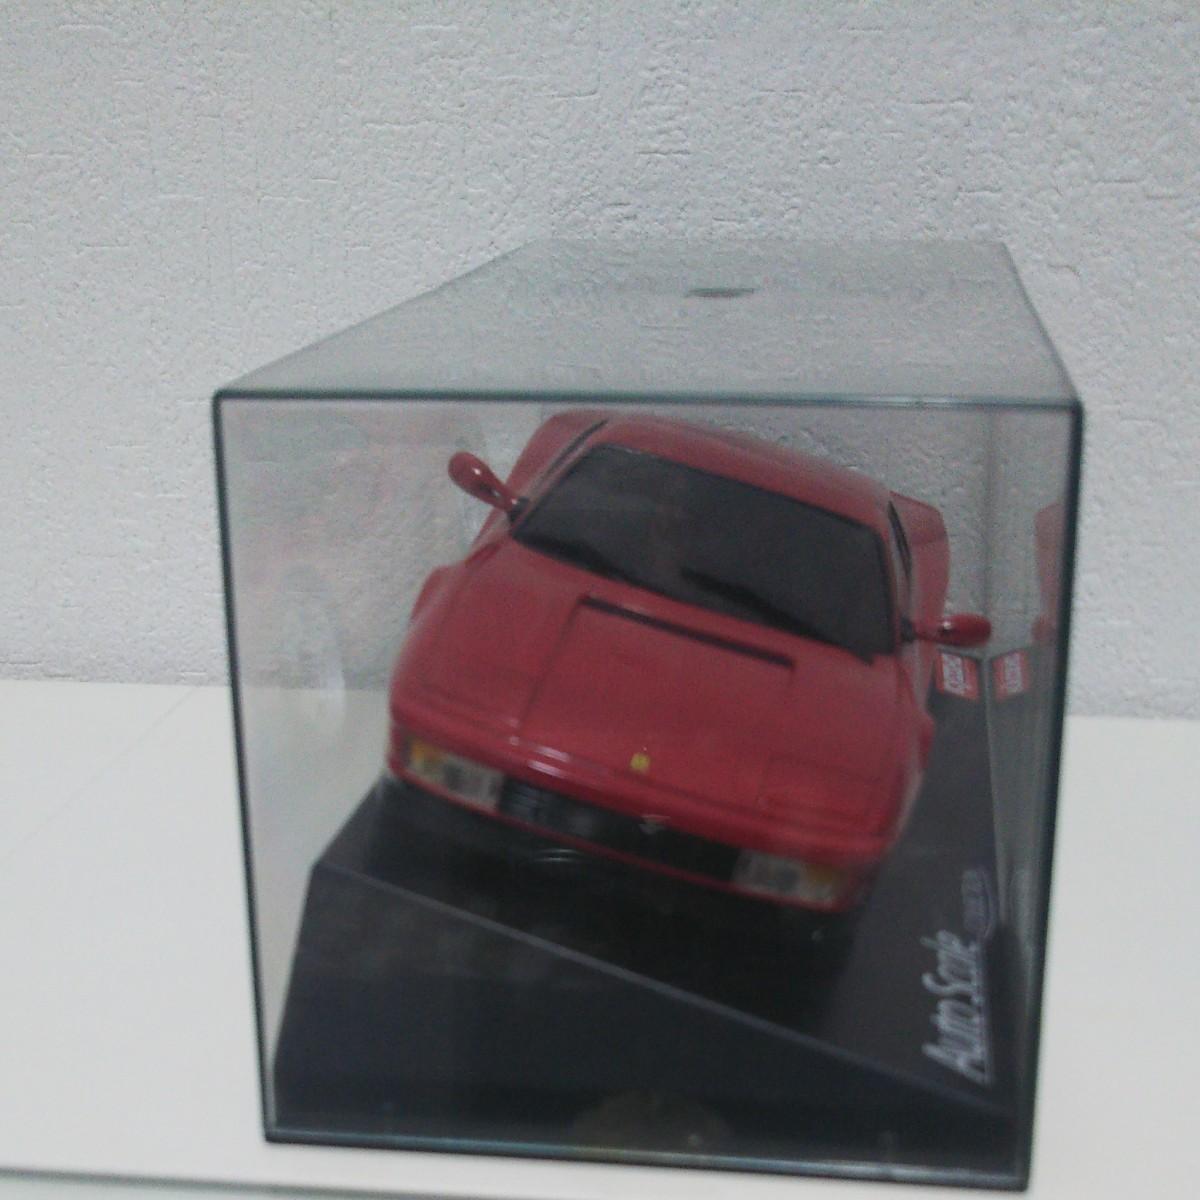 京商ミニッツ 京商 KYOSHO MINI-Z ASC フェラーリ ミニッツ ボディ レッド テスタロッサ F430 セット